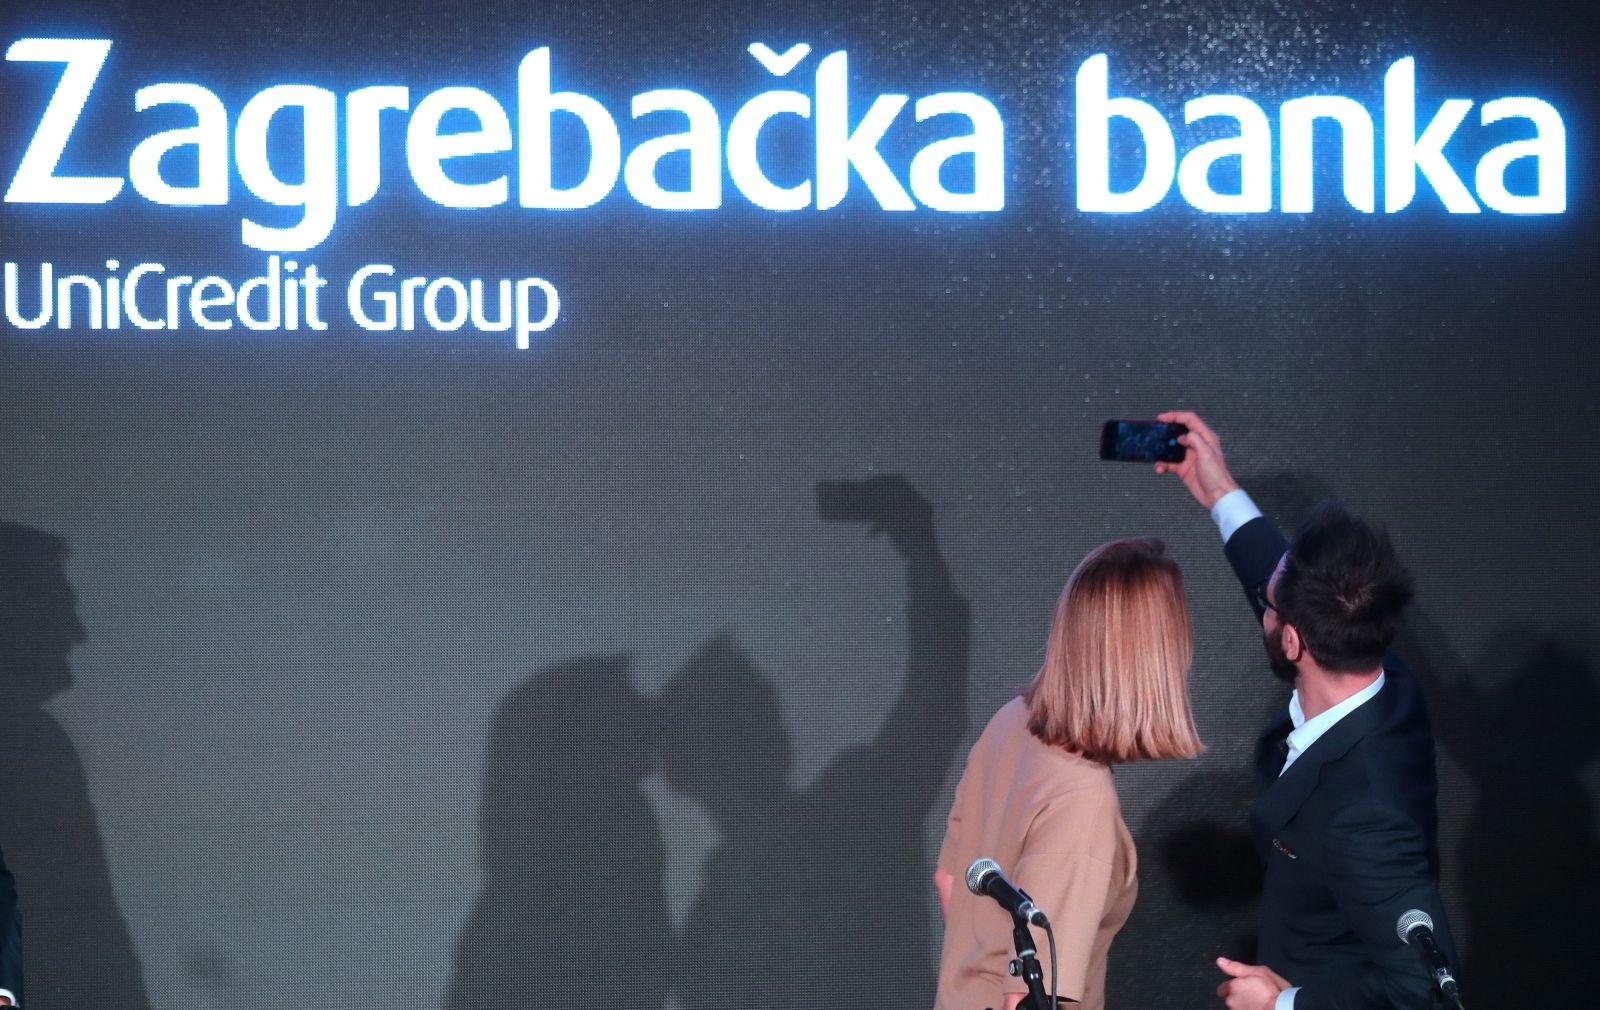 Zagrebačka banka upravo je najavila da se povlači s